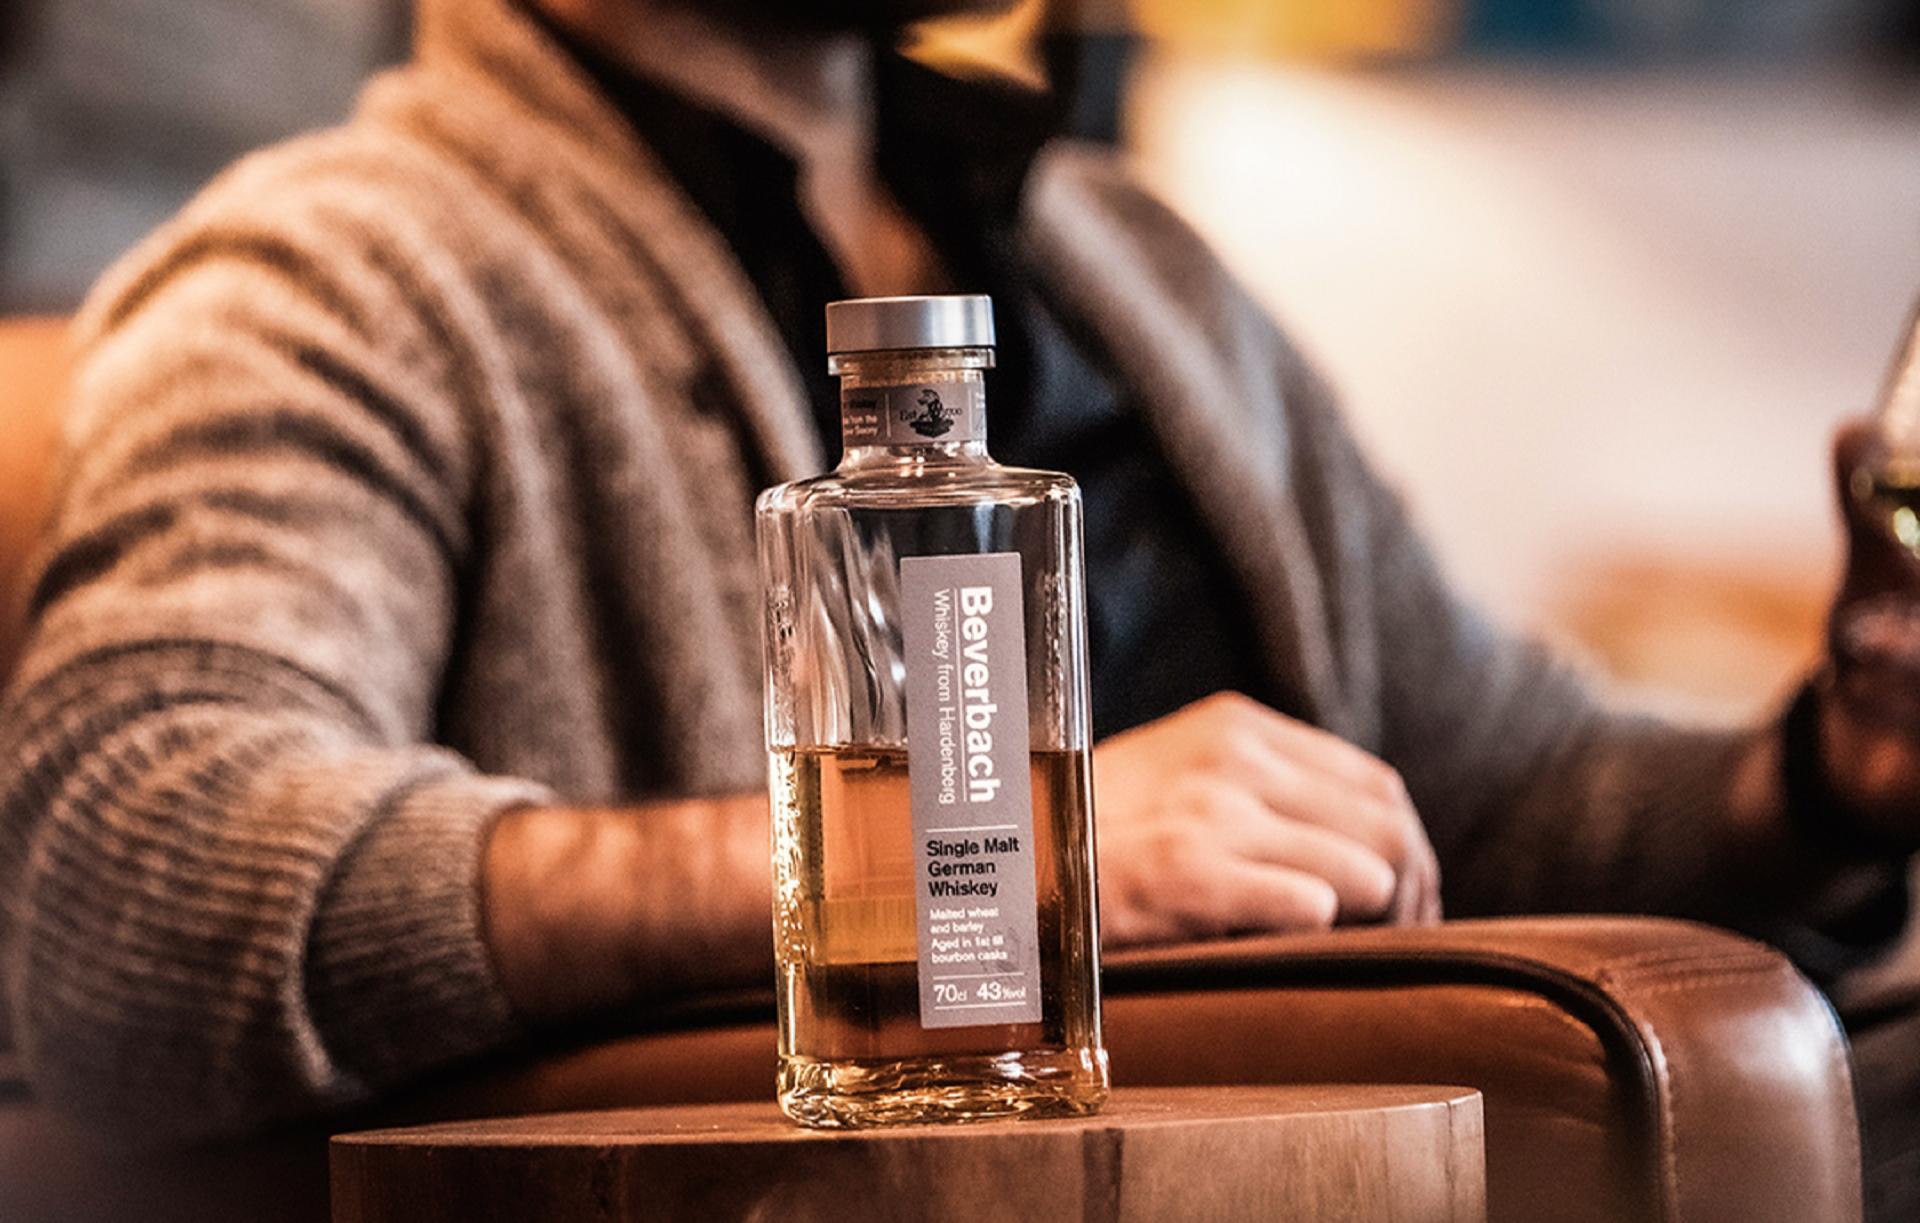 whisky-tasting-online-bg4